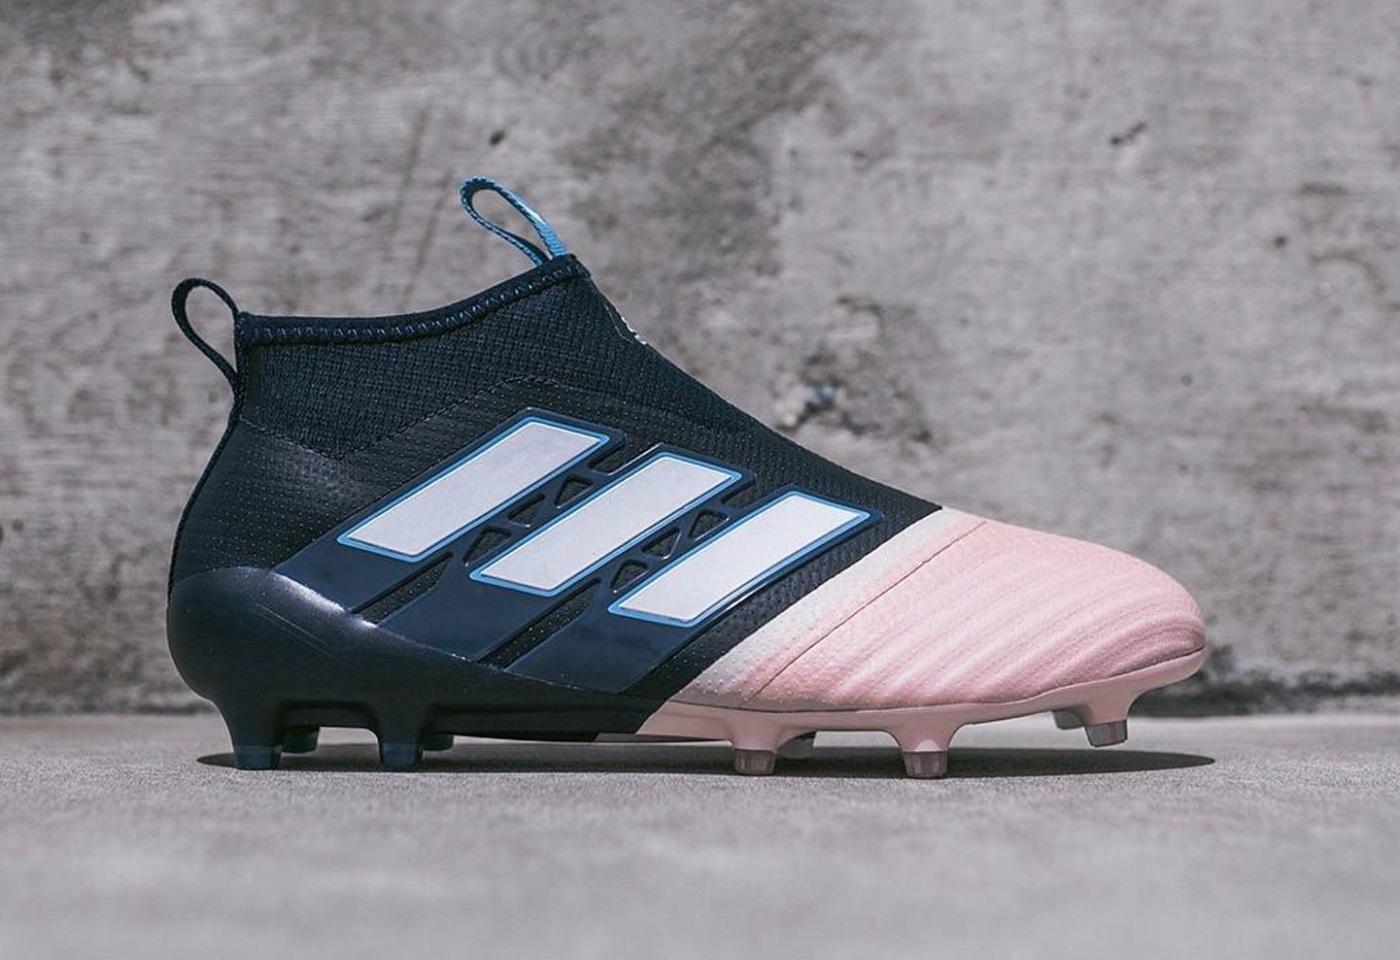 b52cbe16847 ... spain kith x adidas soccer ace 17 ddfbc 931cb